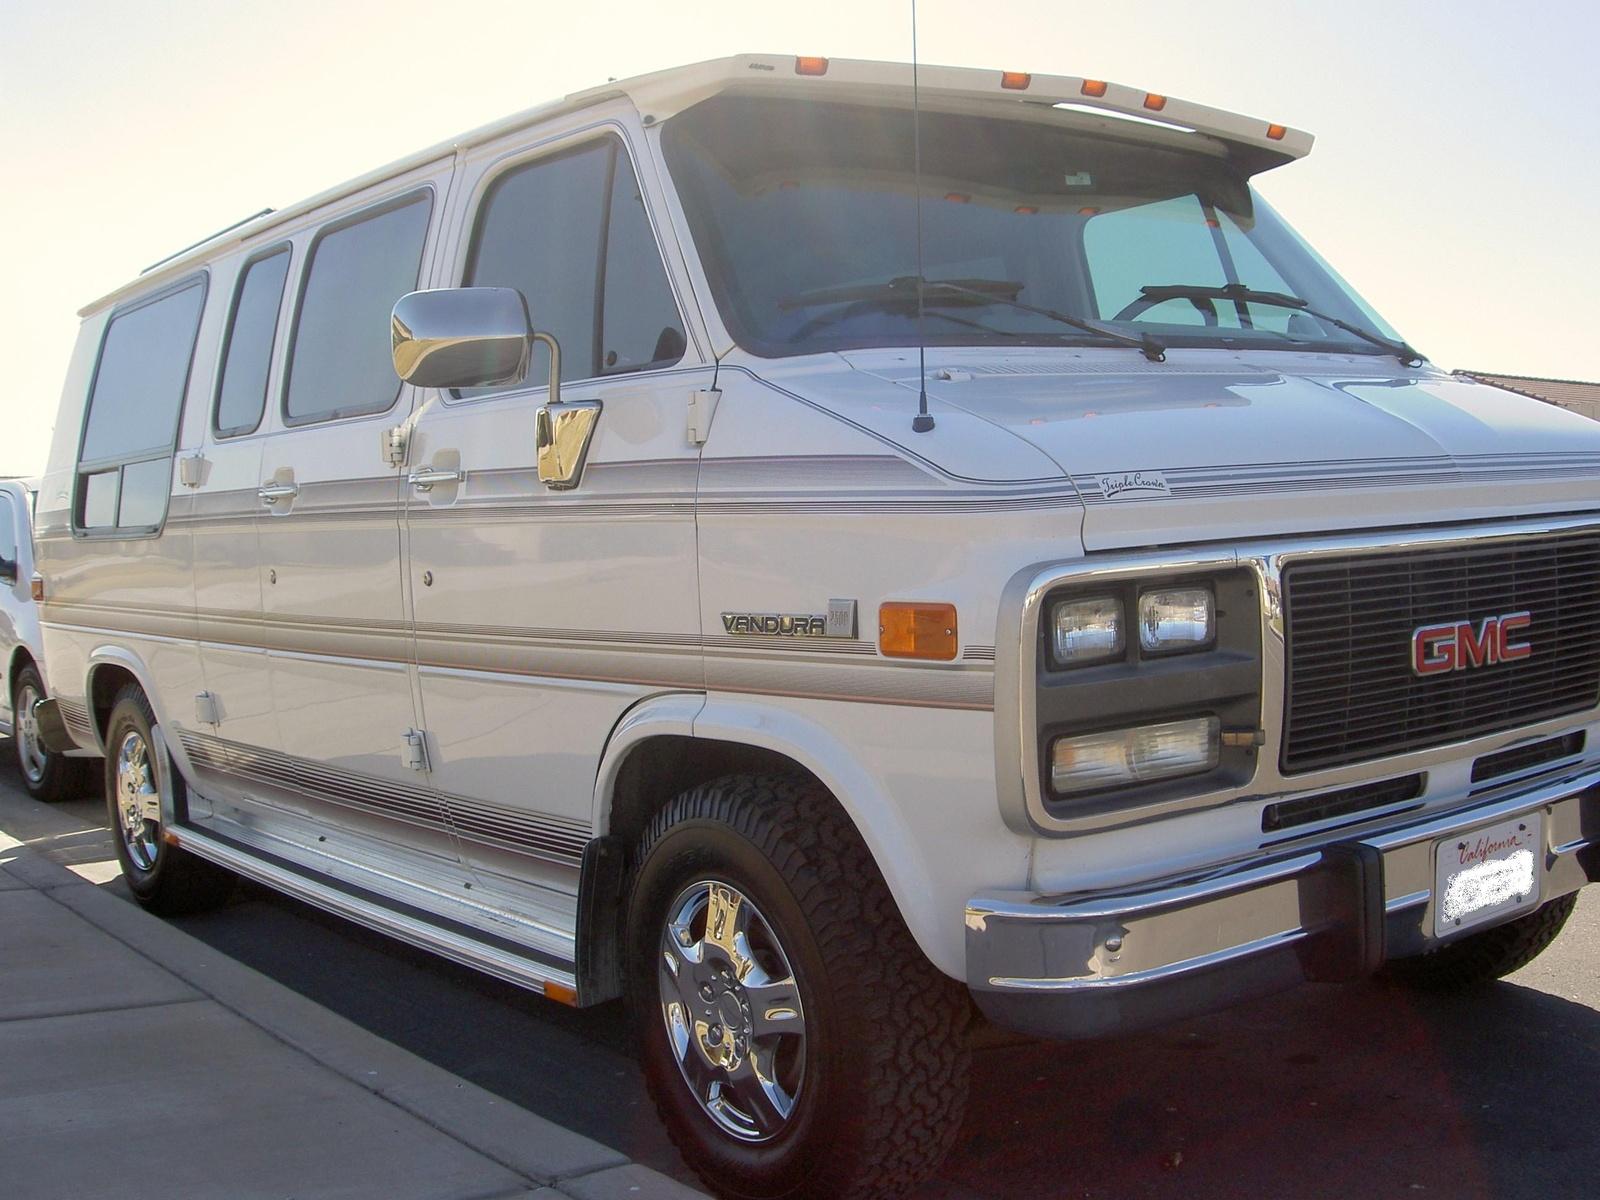 1994 GMC Vandura 8